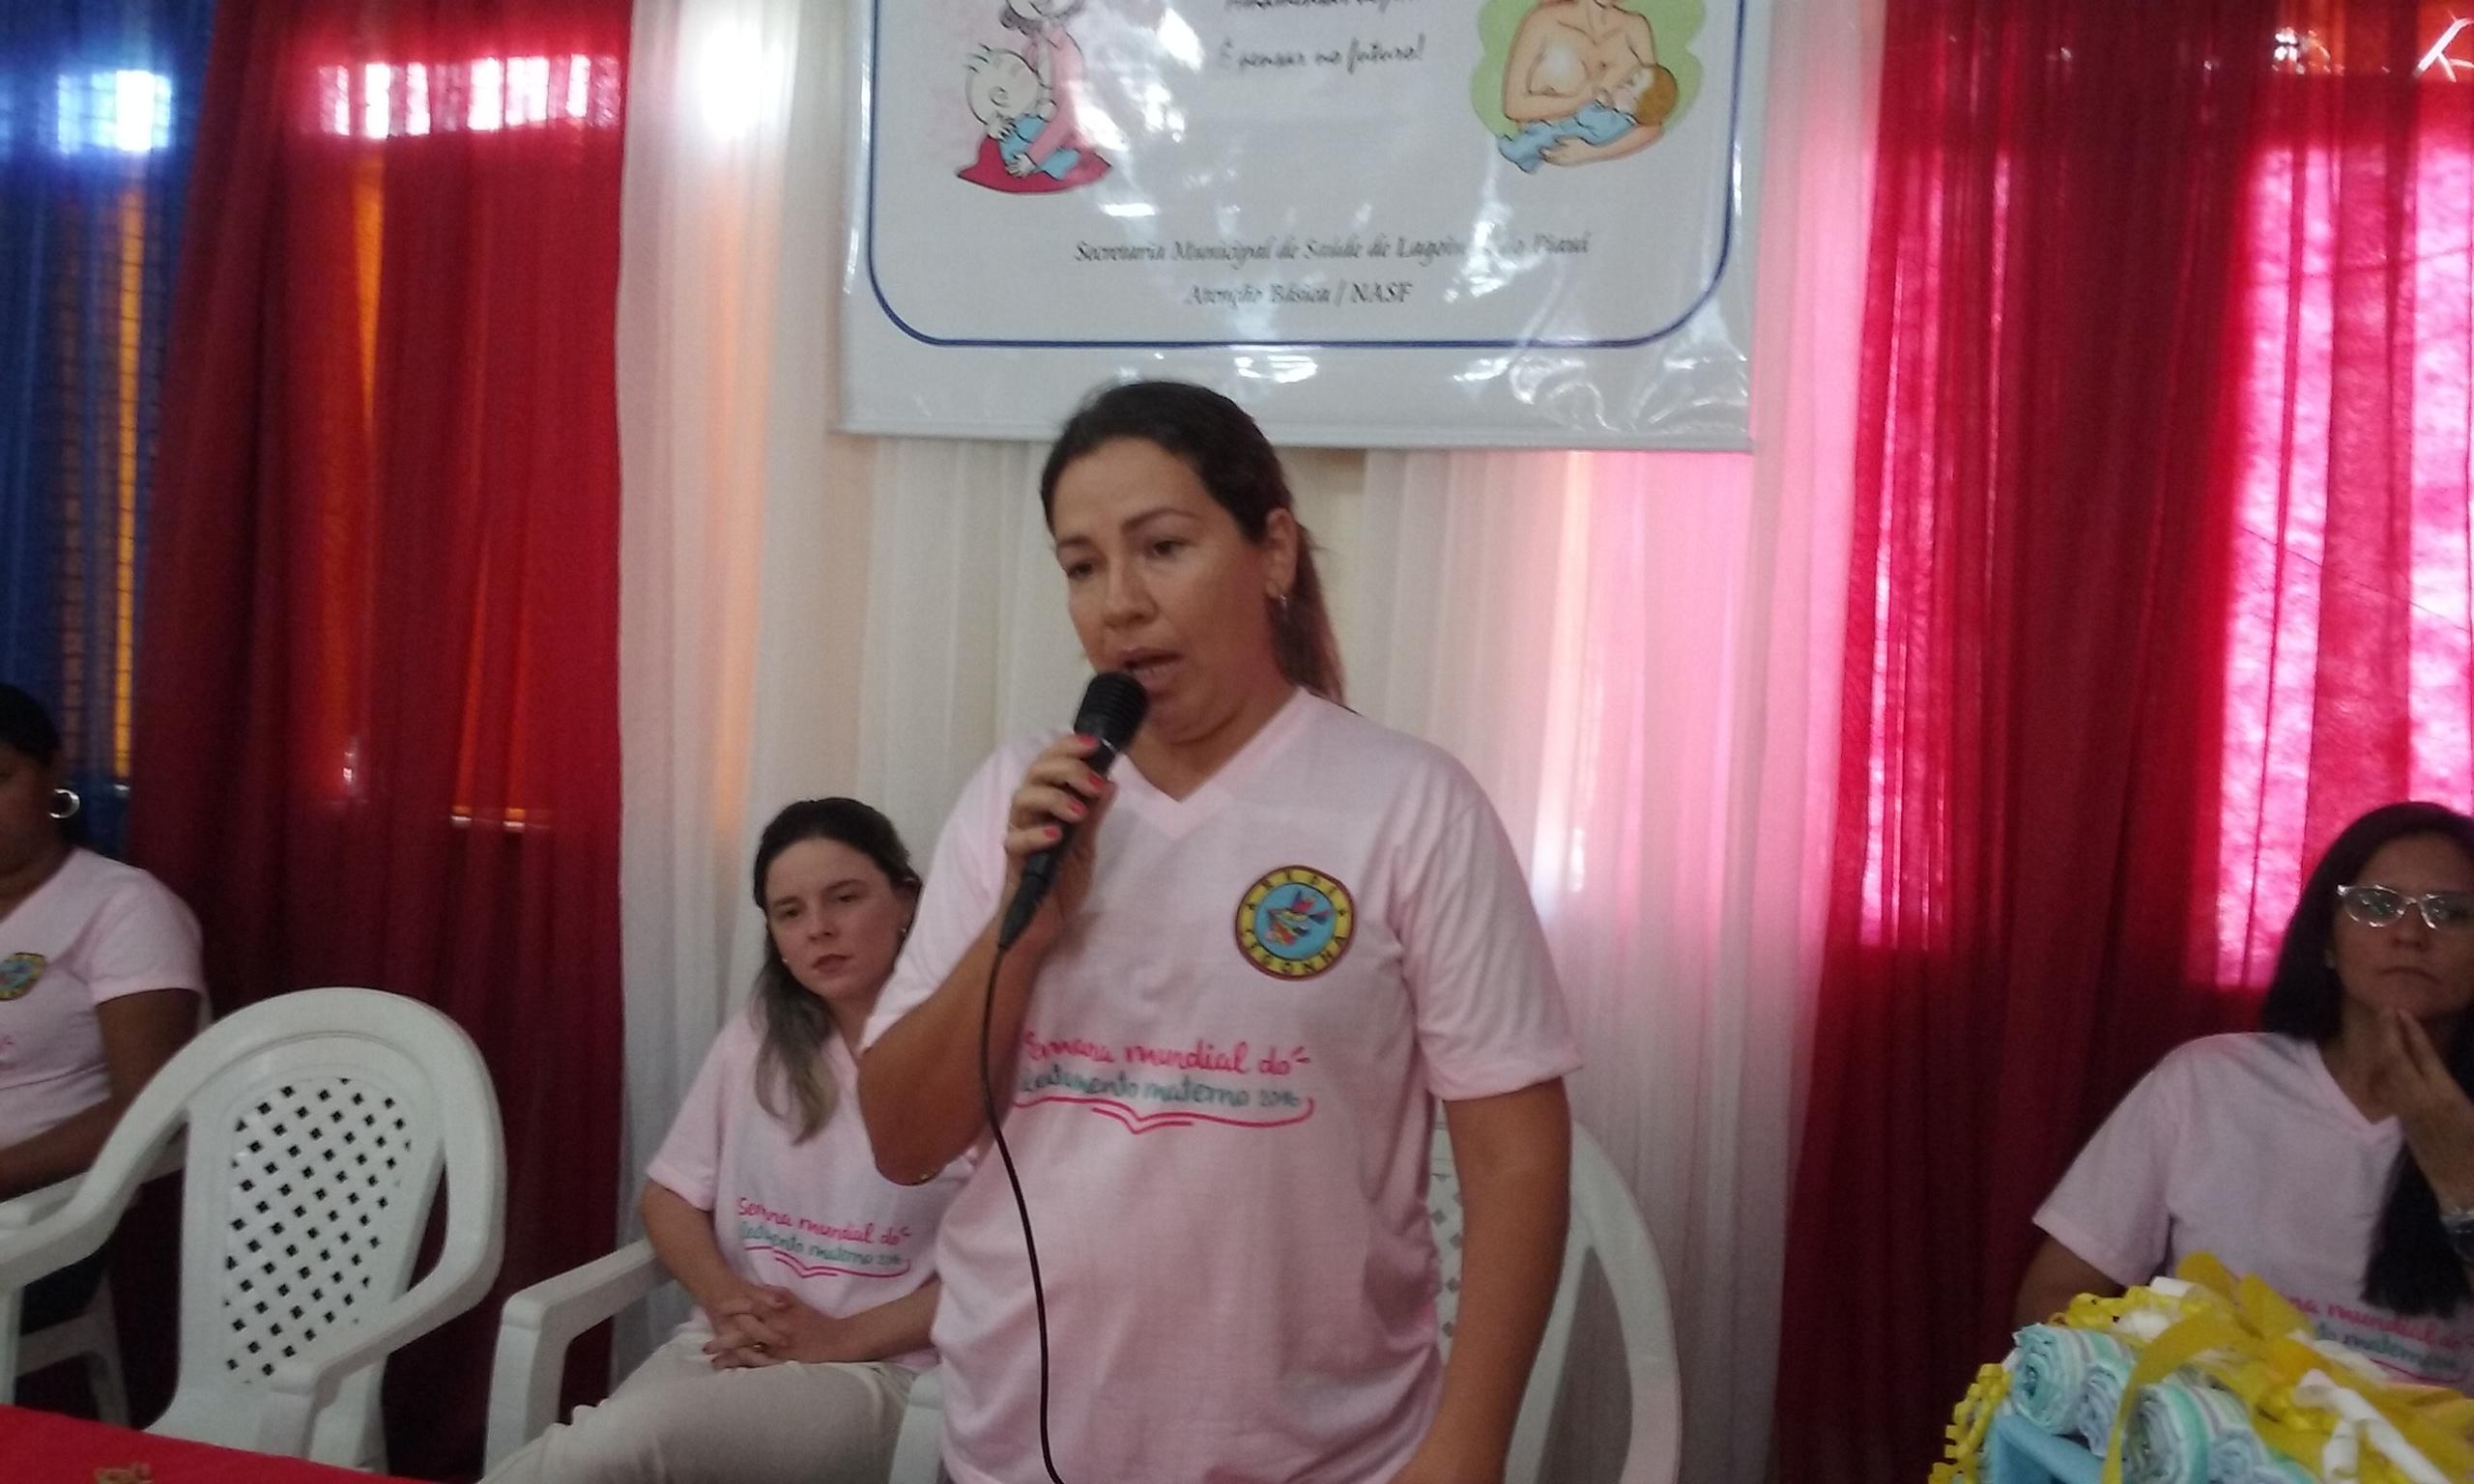 Lagoinha realiza evento comemorando a Semana Mundial da Amamentação